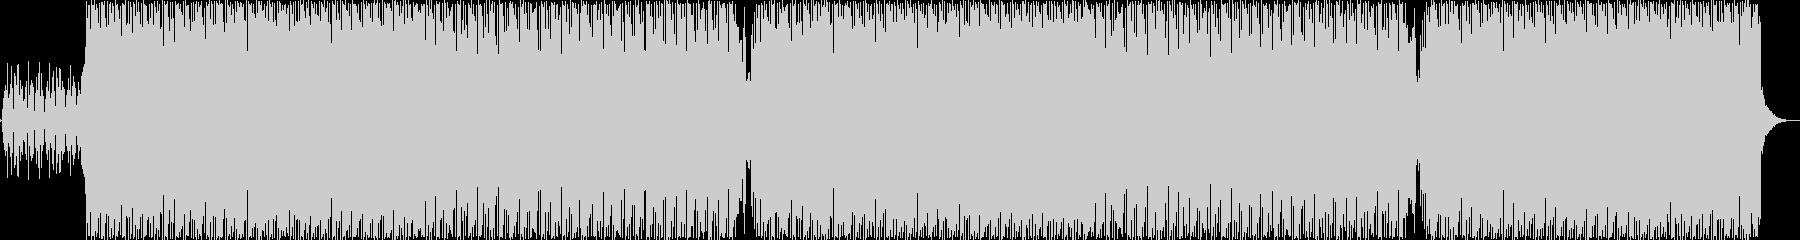 キャッチーでおしゃれなニューディスコの未再生の波形